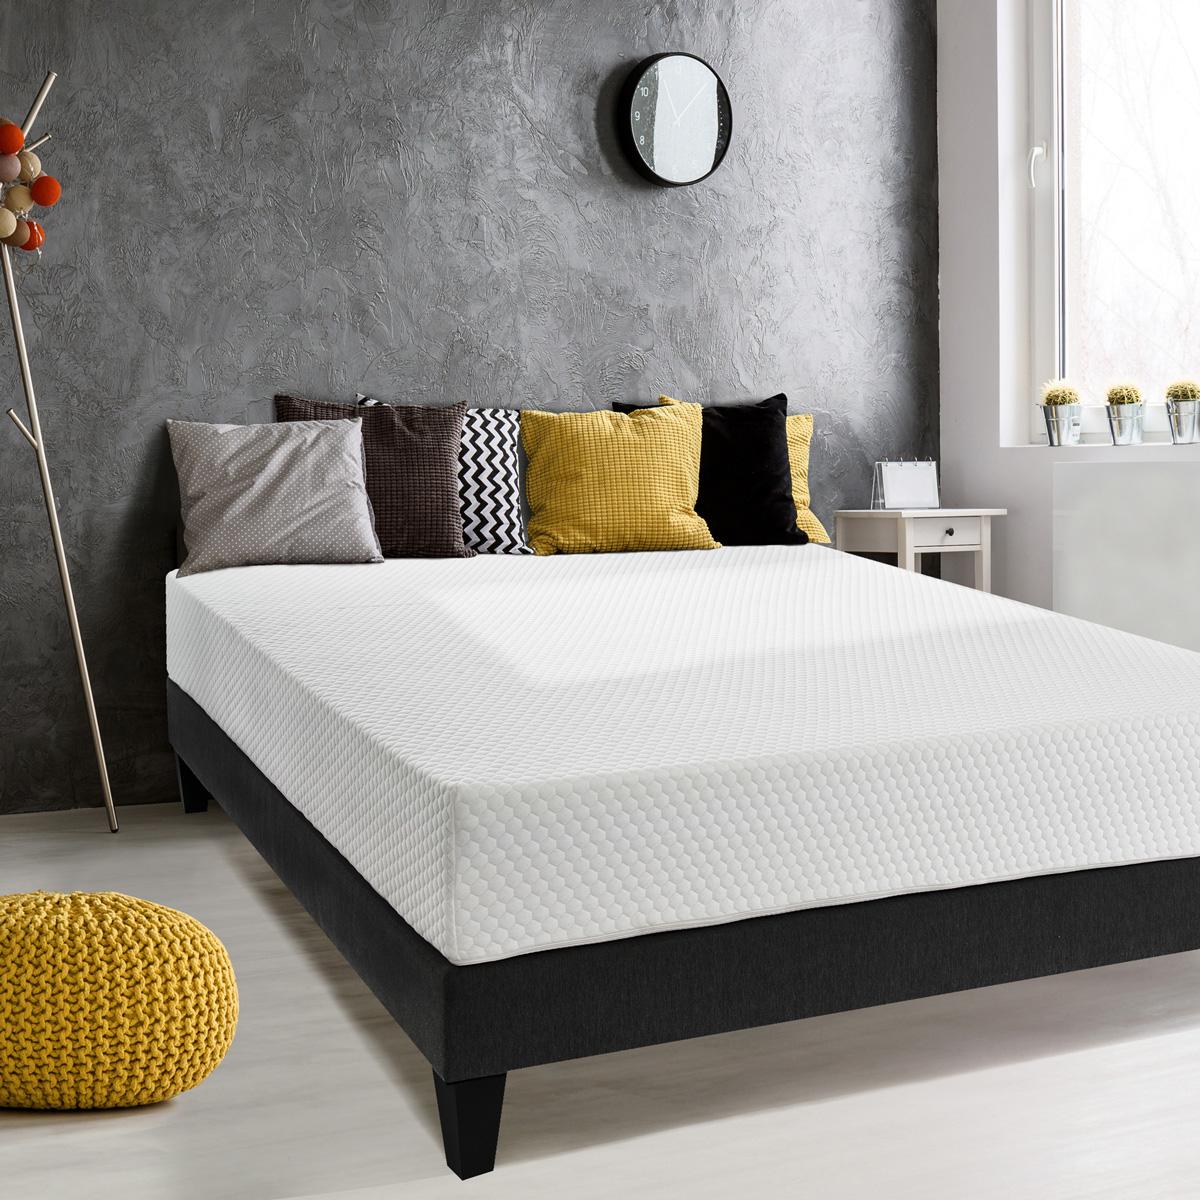 Ensemble matelas+ sommier+pieds Hermes confort - Blanc - 160 x 200 cm